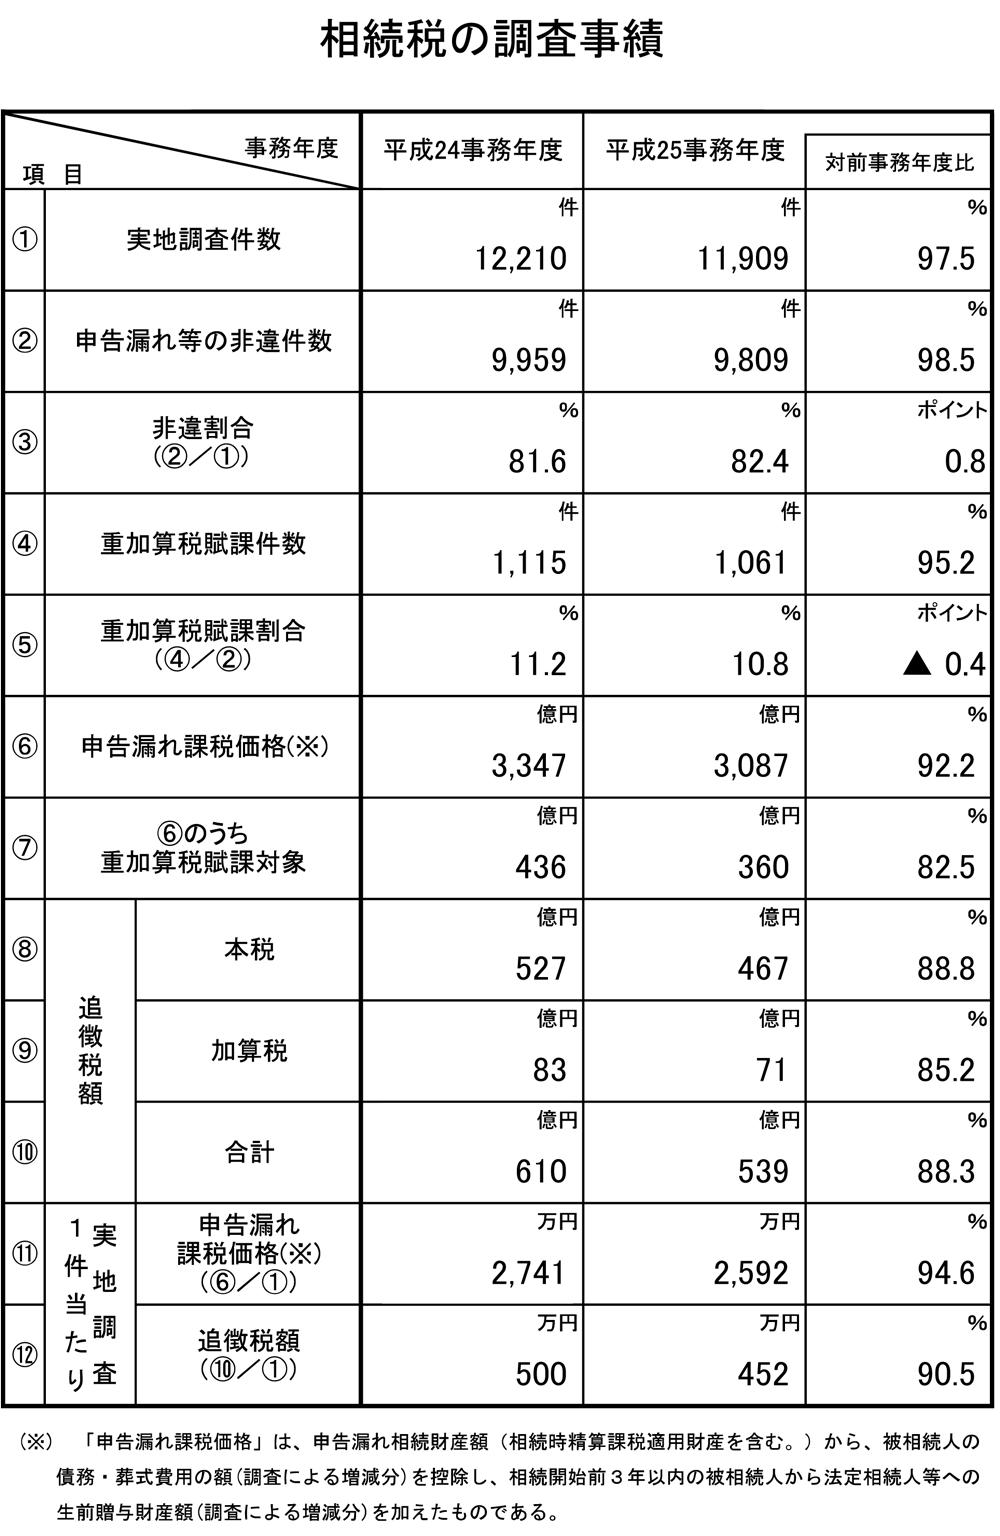 相続税の調査事績